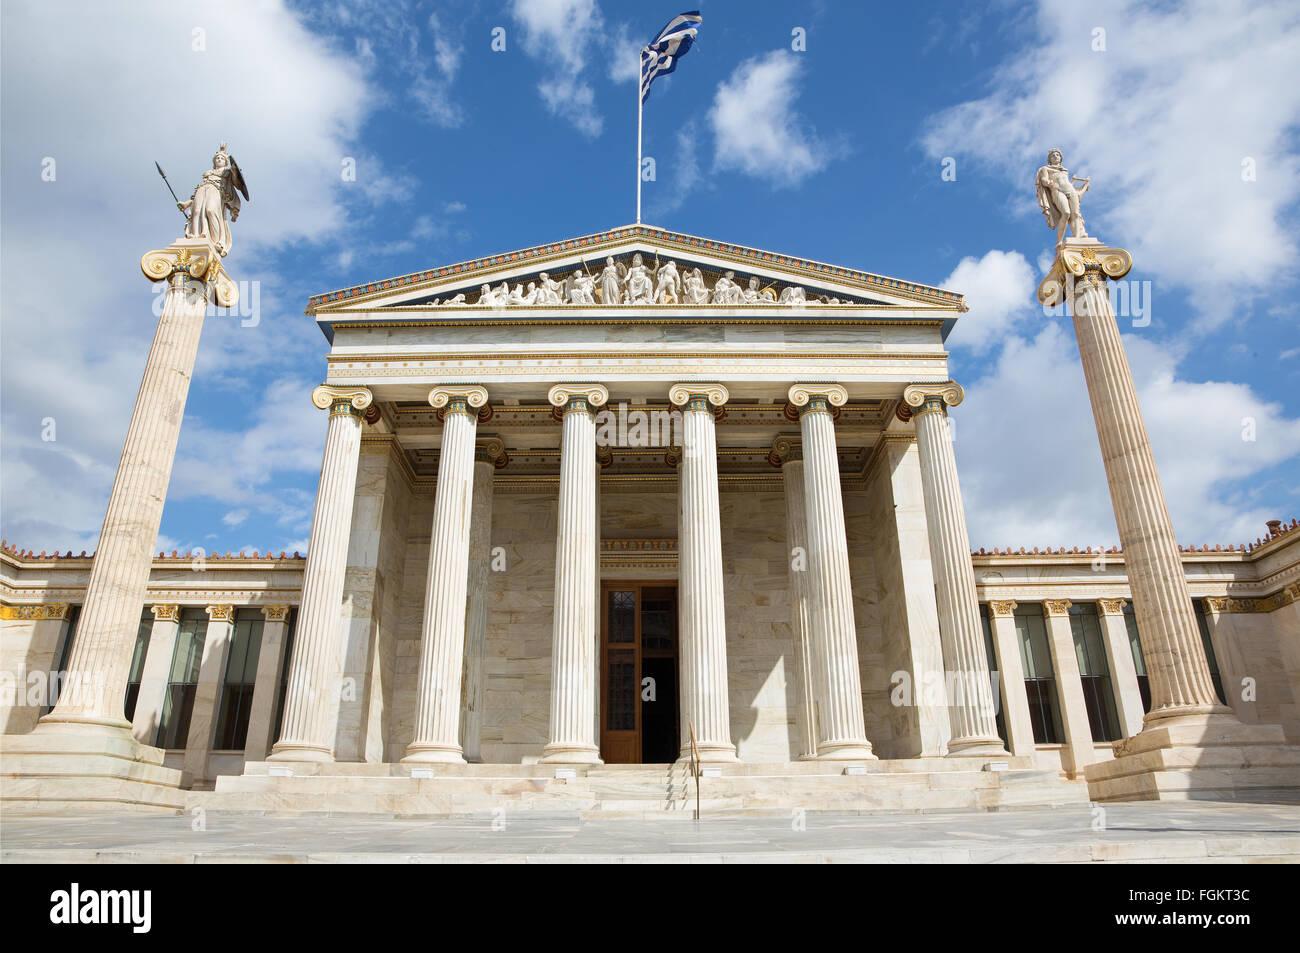 Athen - das nationale Akademie-Gebäude. Stockbild